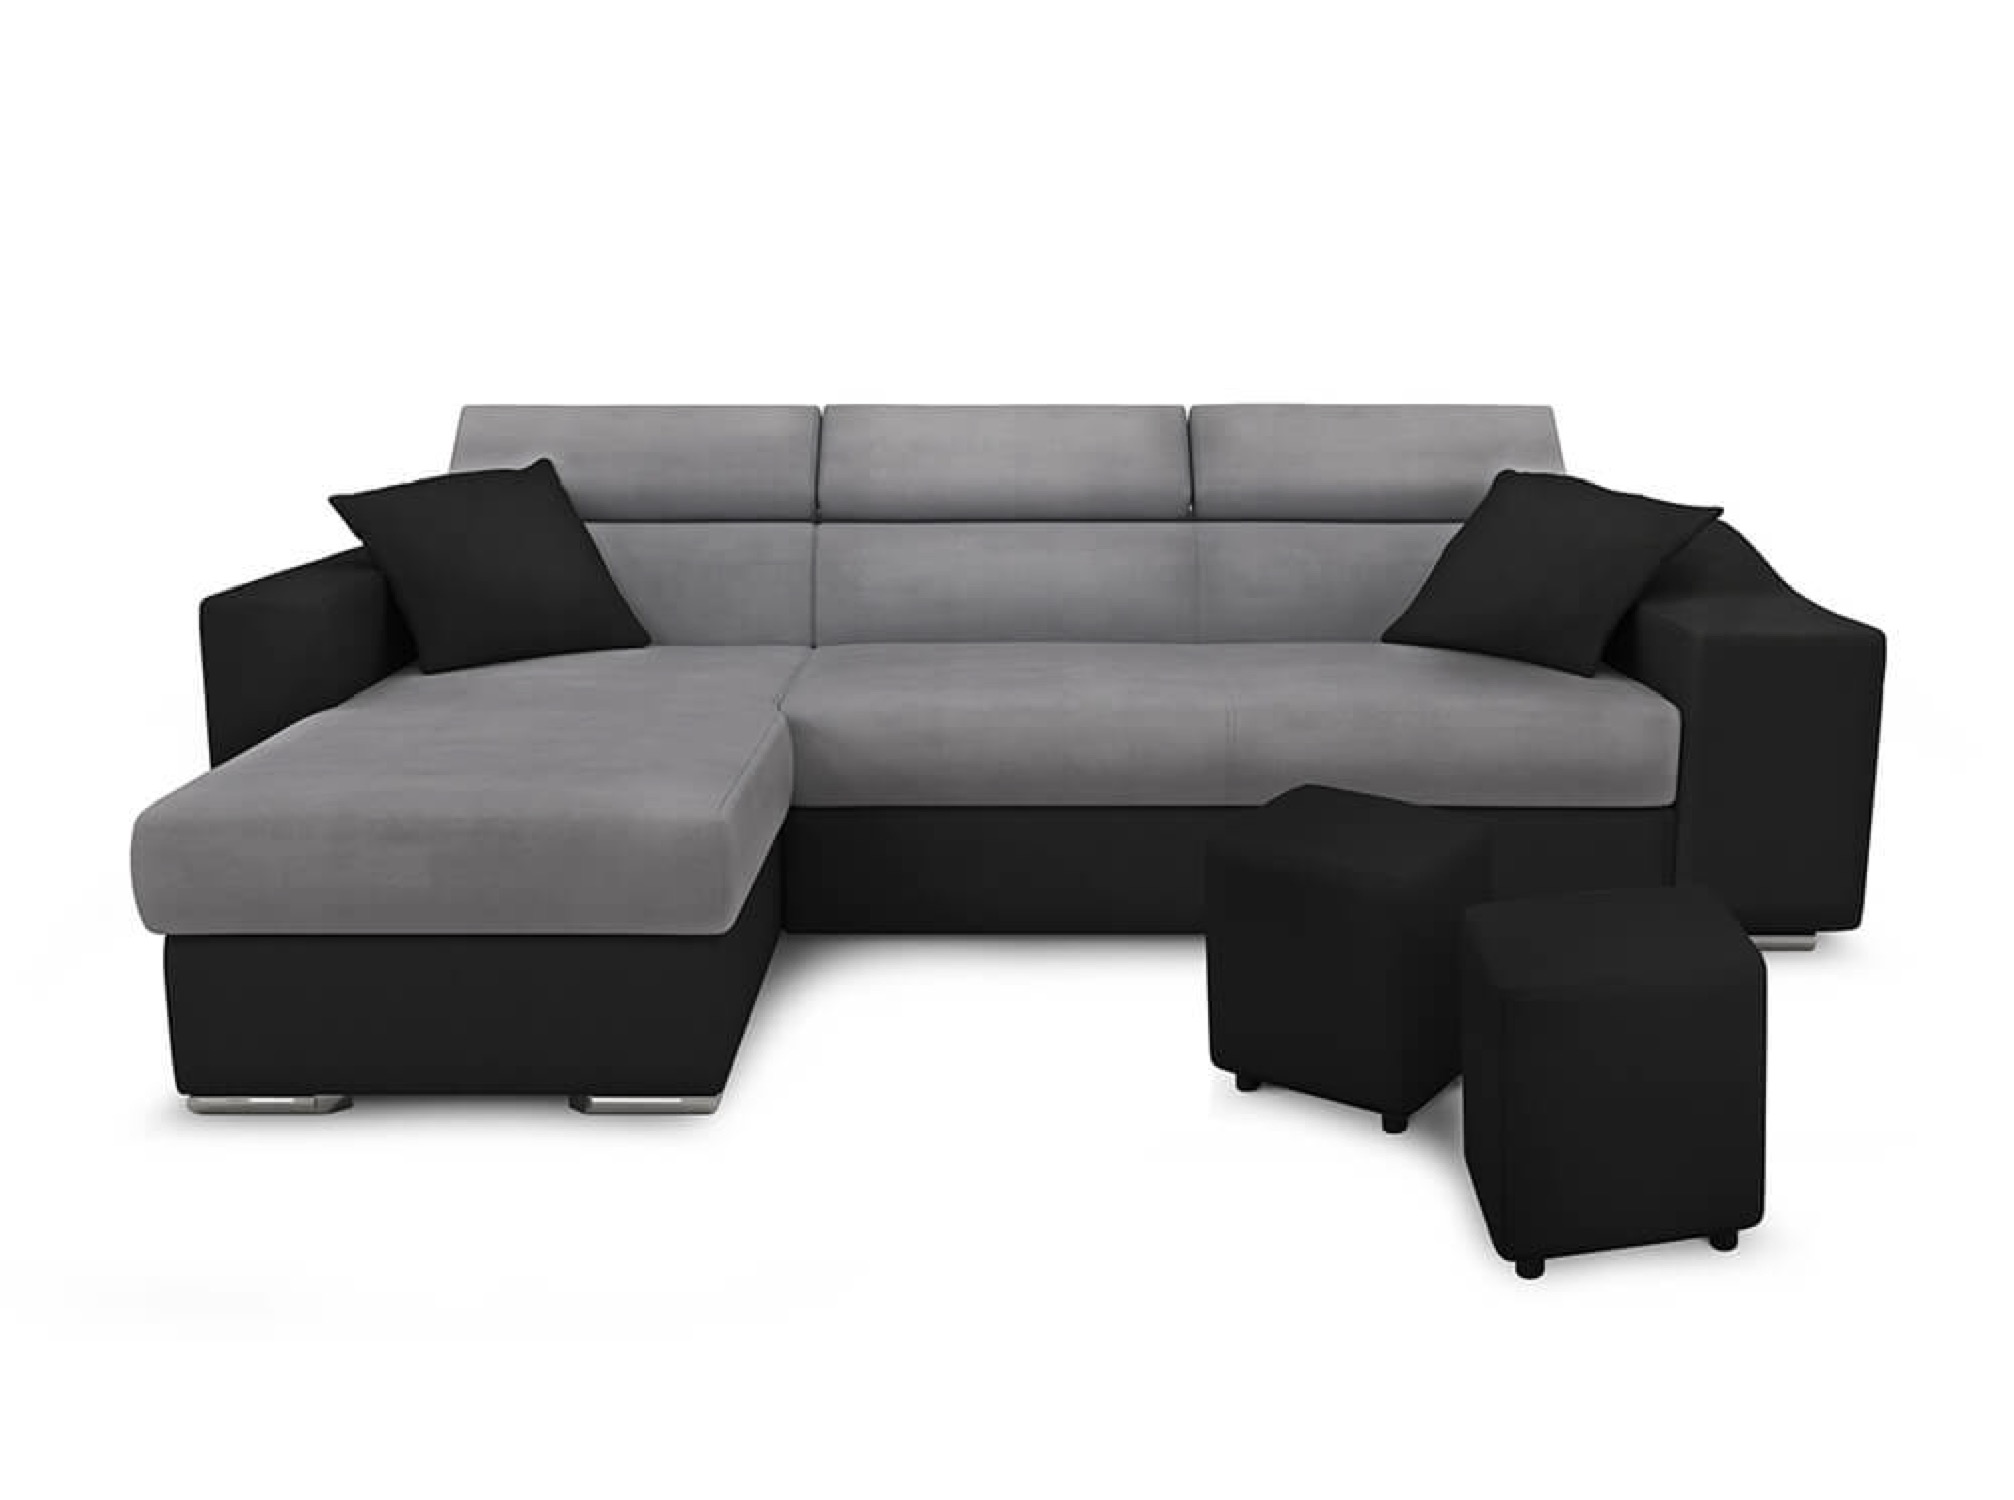 Canapé d'angle convertible noir/gris avec niche de rangement droite